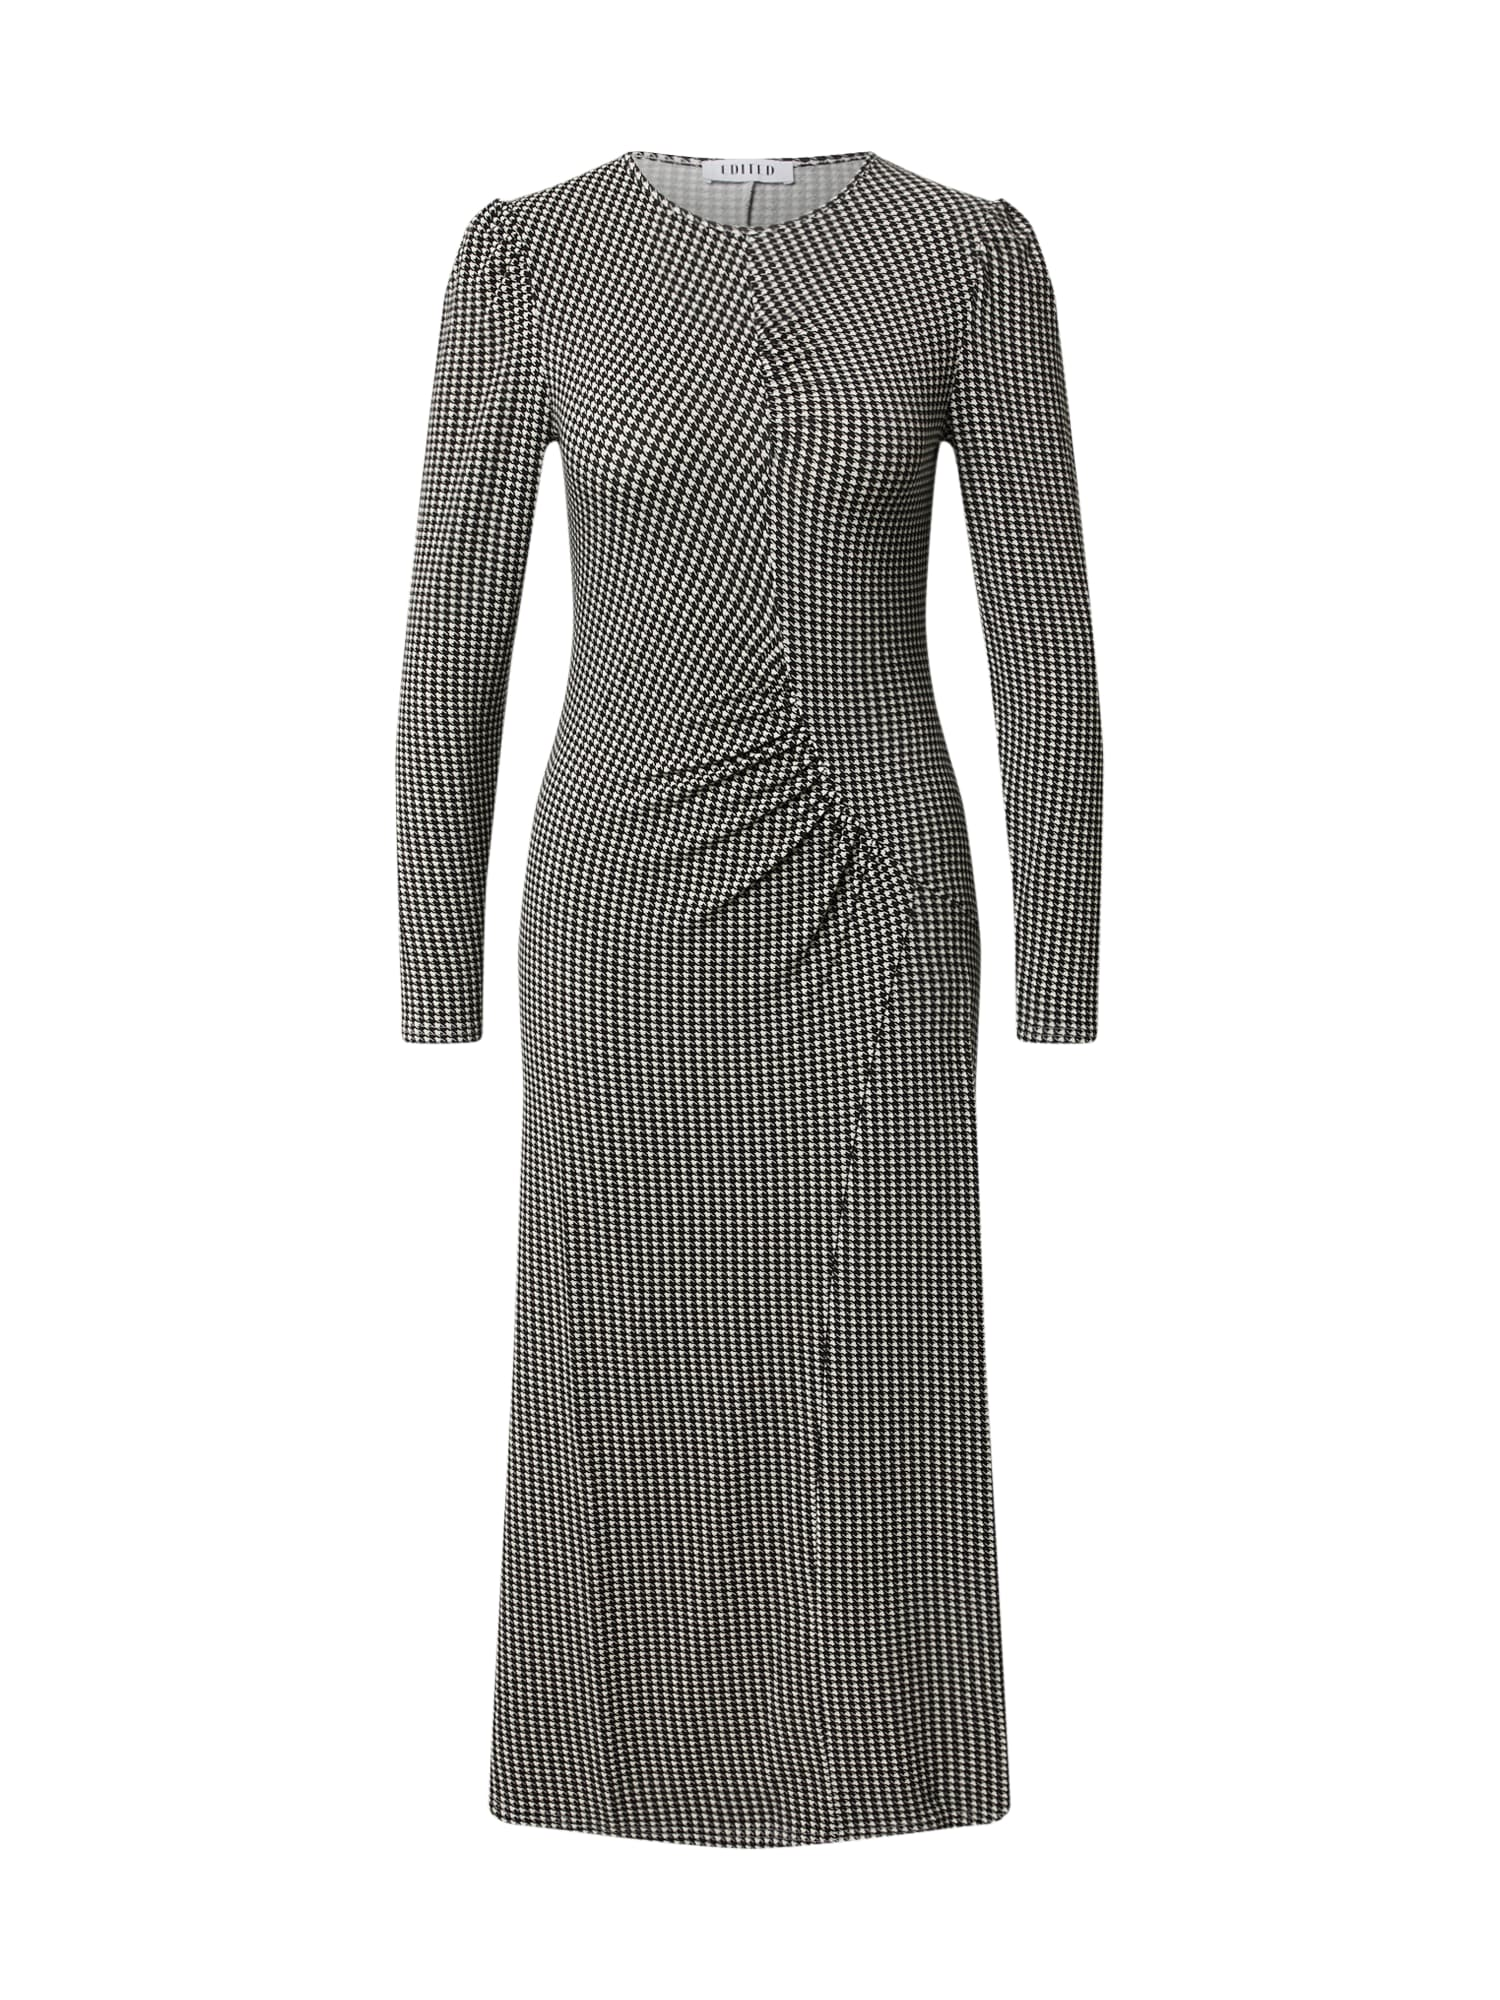 EDITED Suknelė 'Aurea' tamsiai pilka